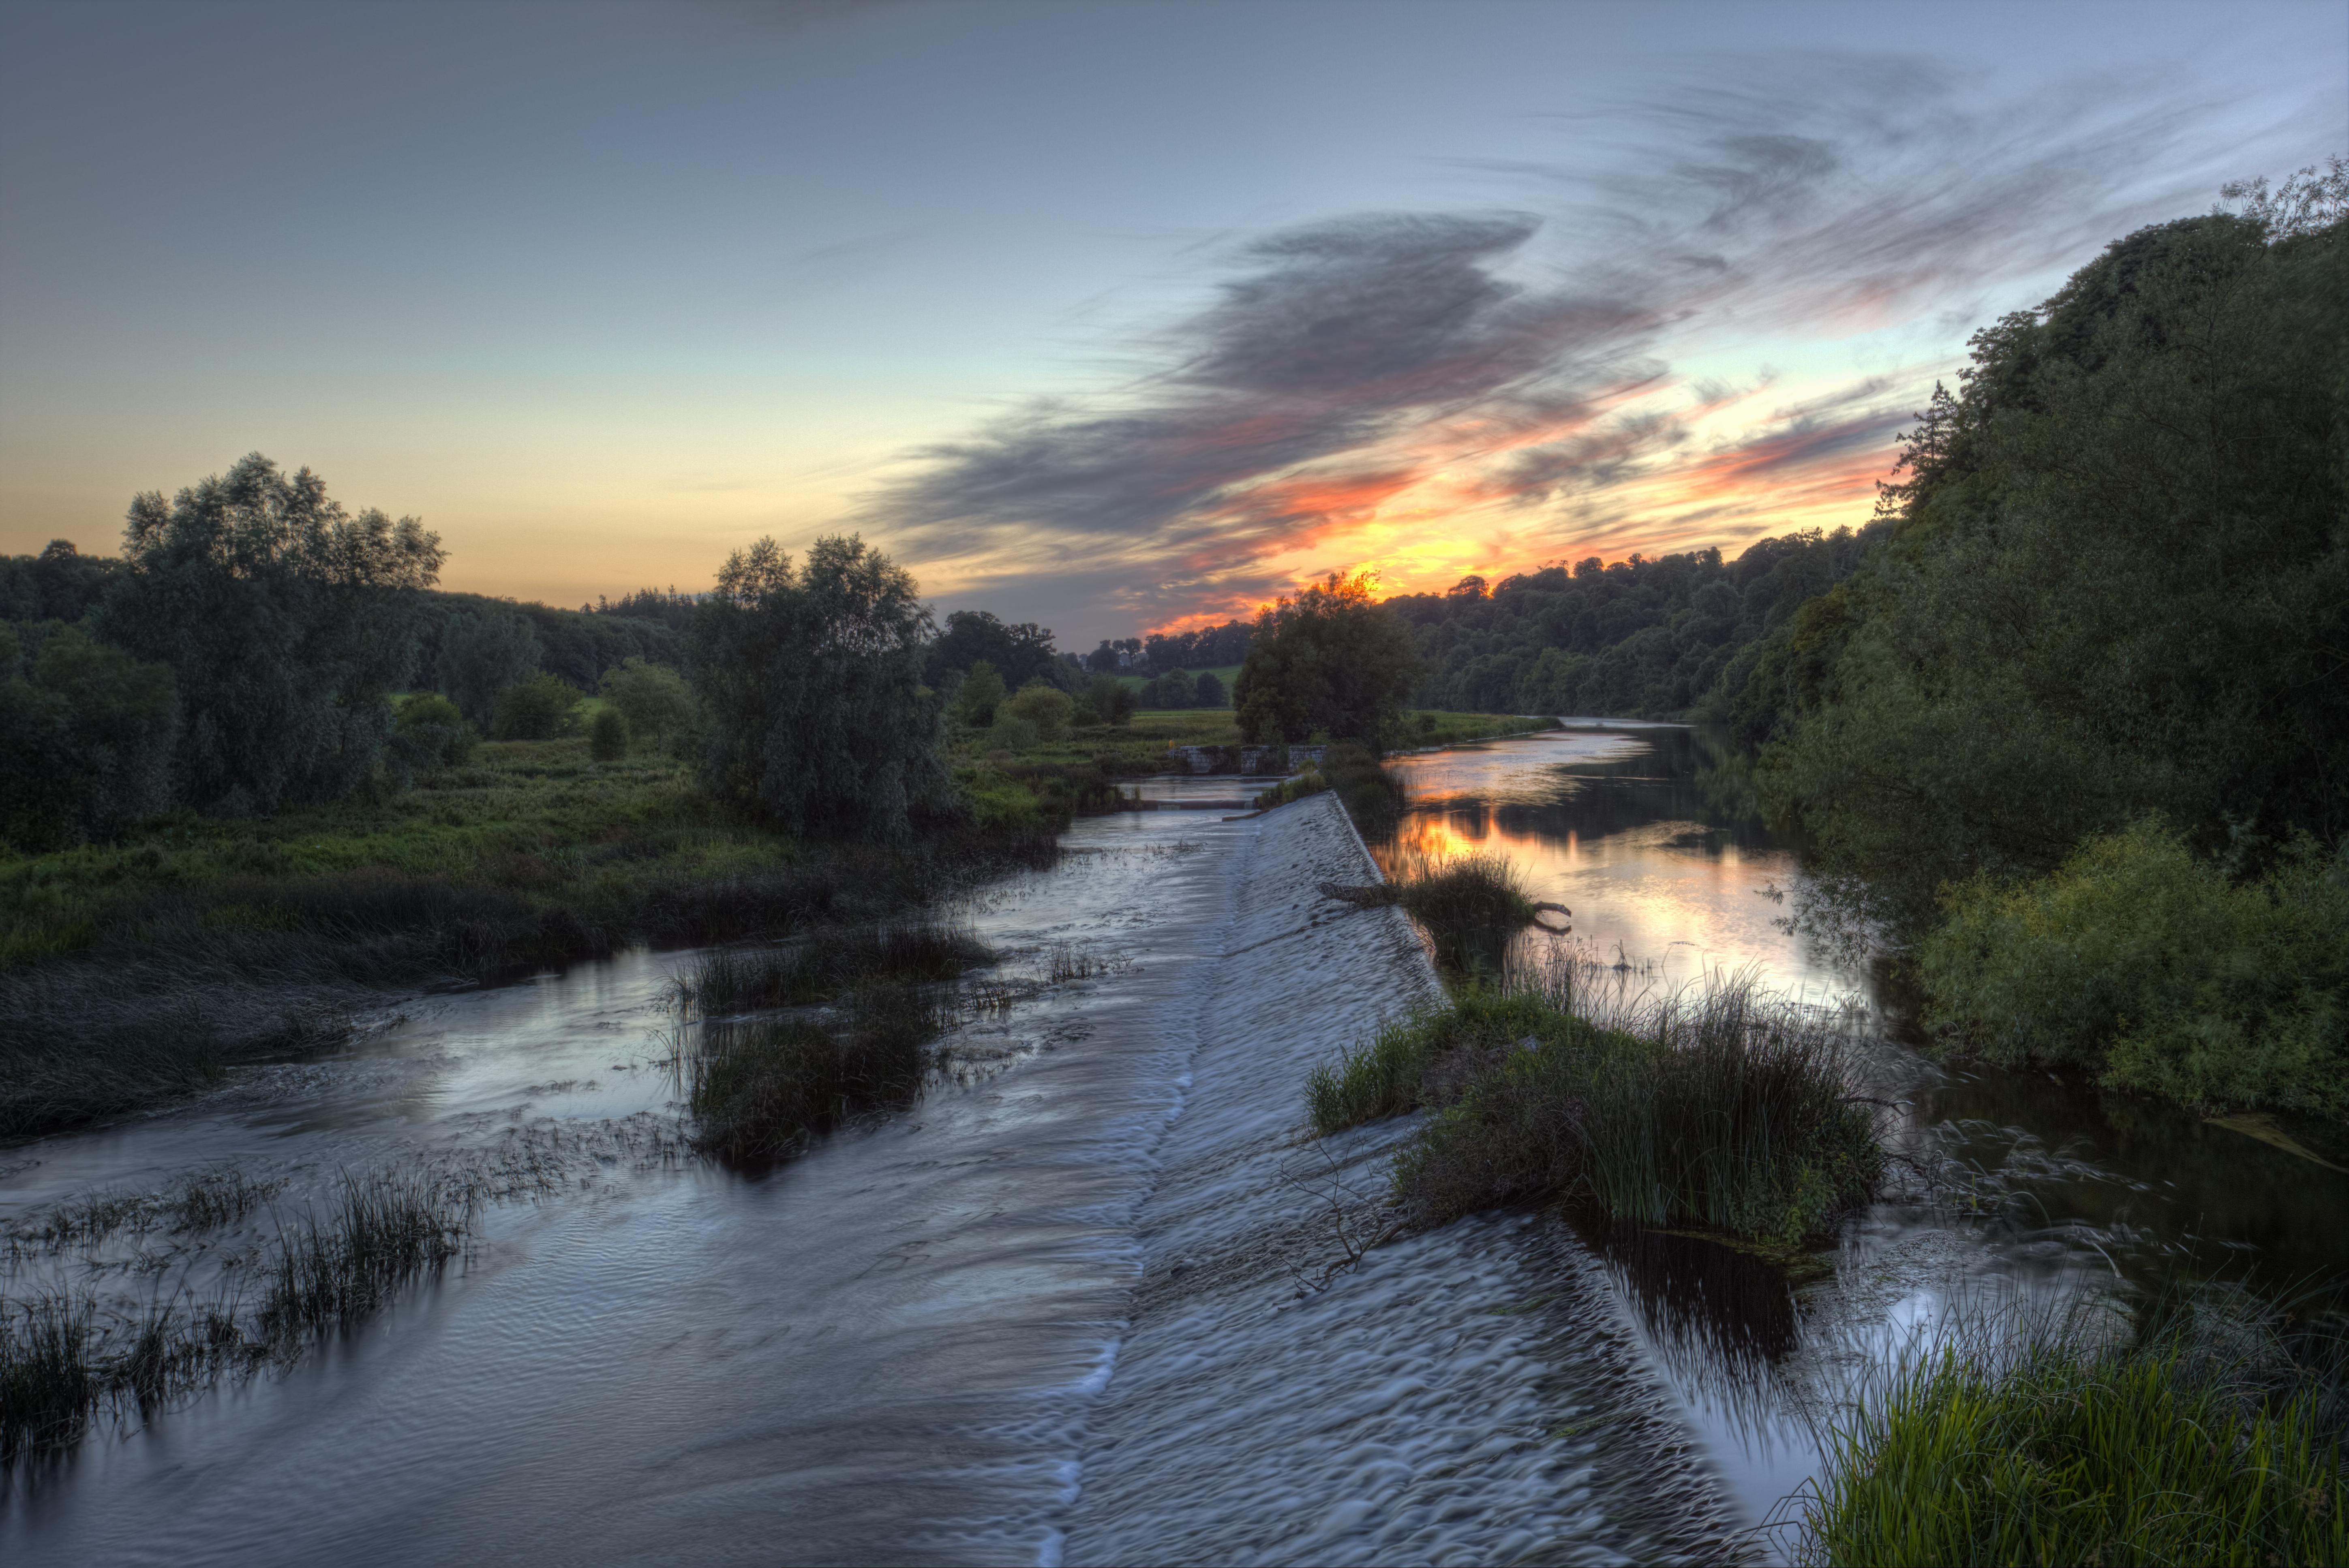 Slane Sunset